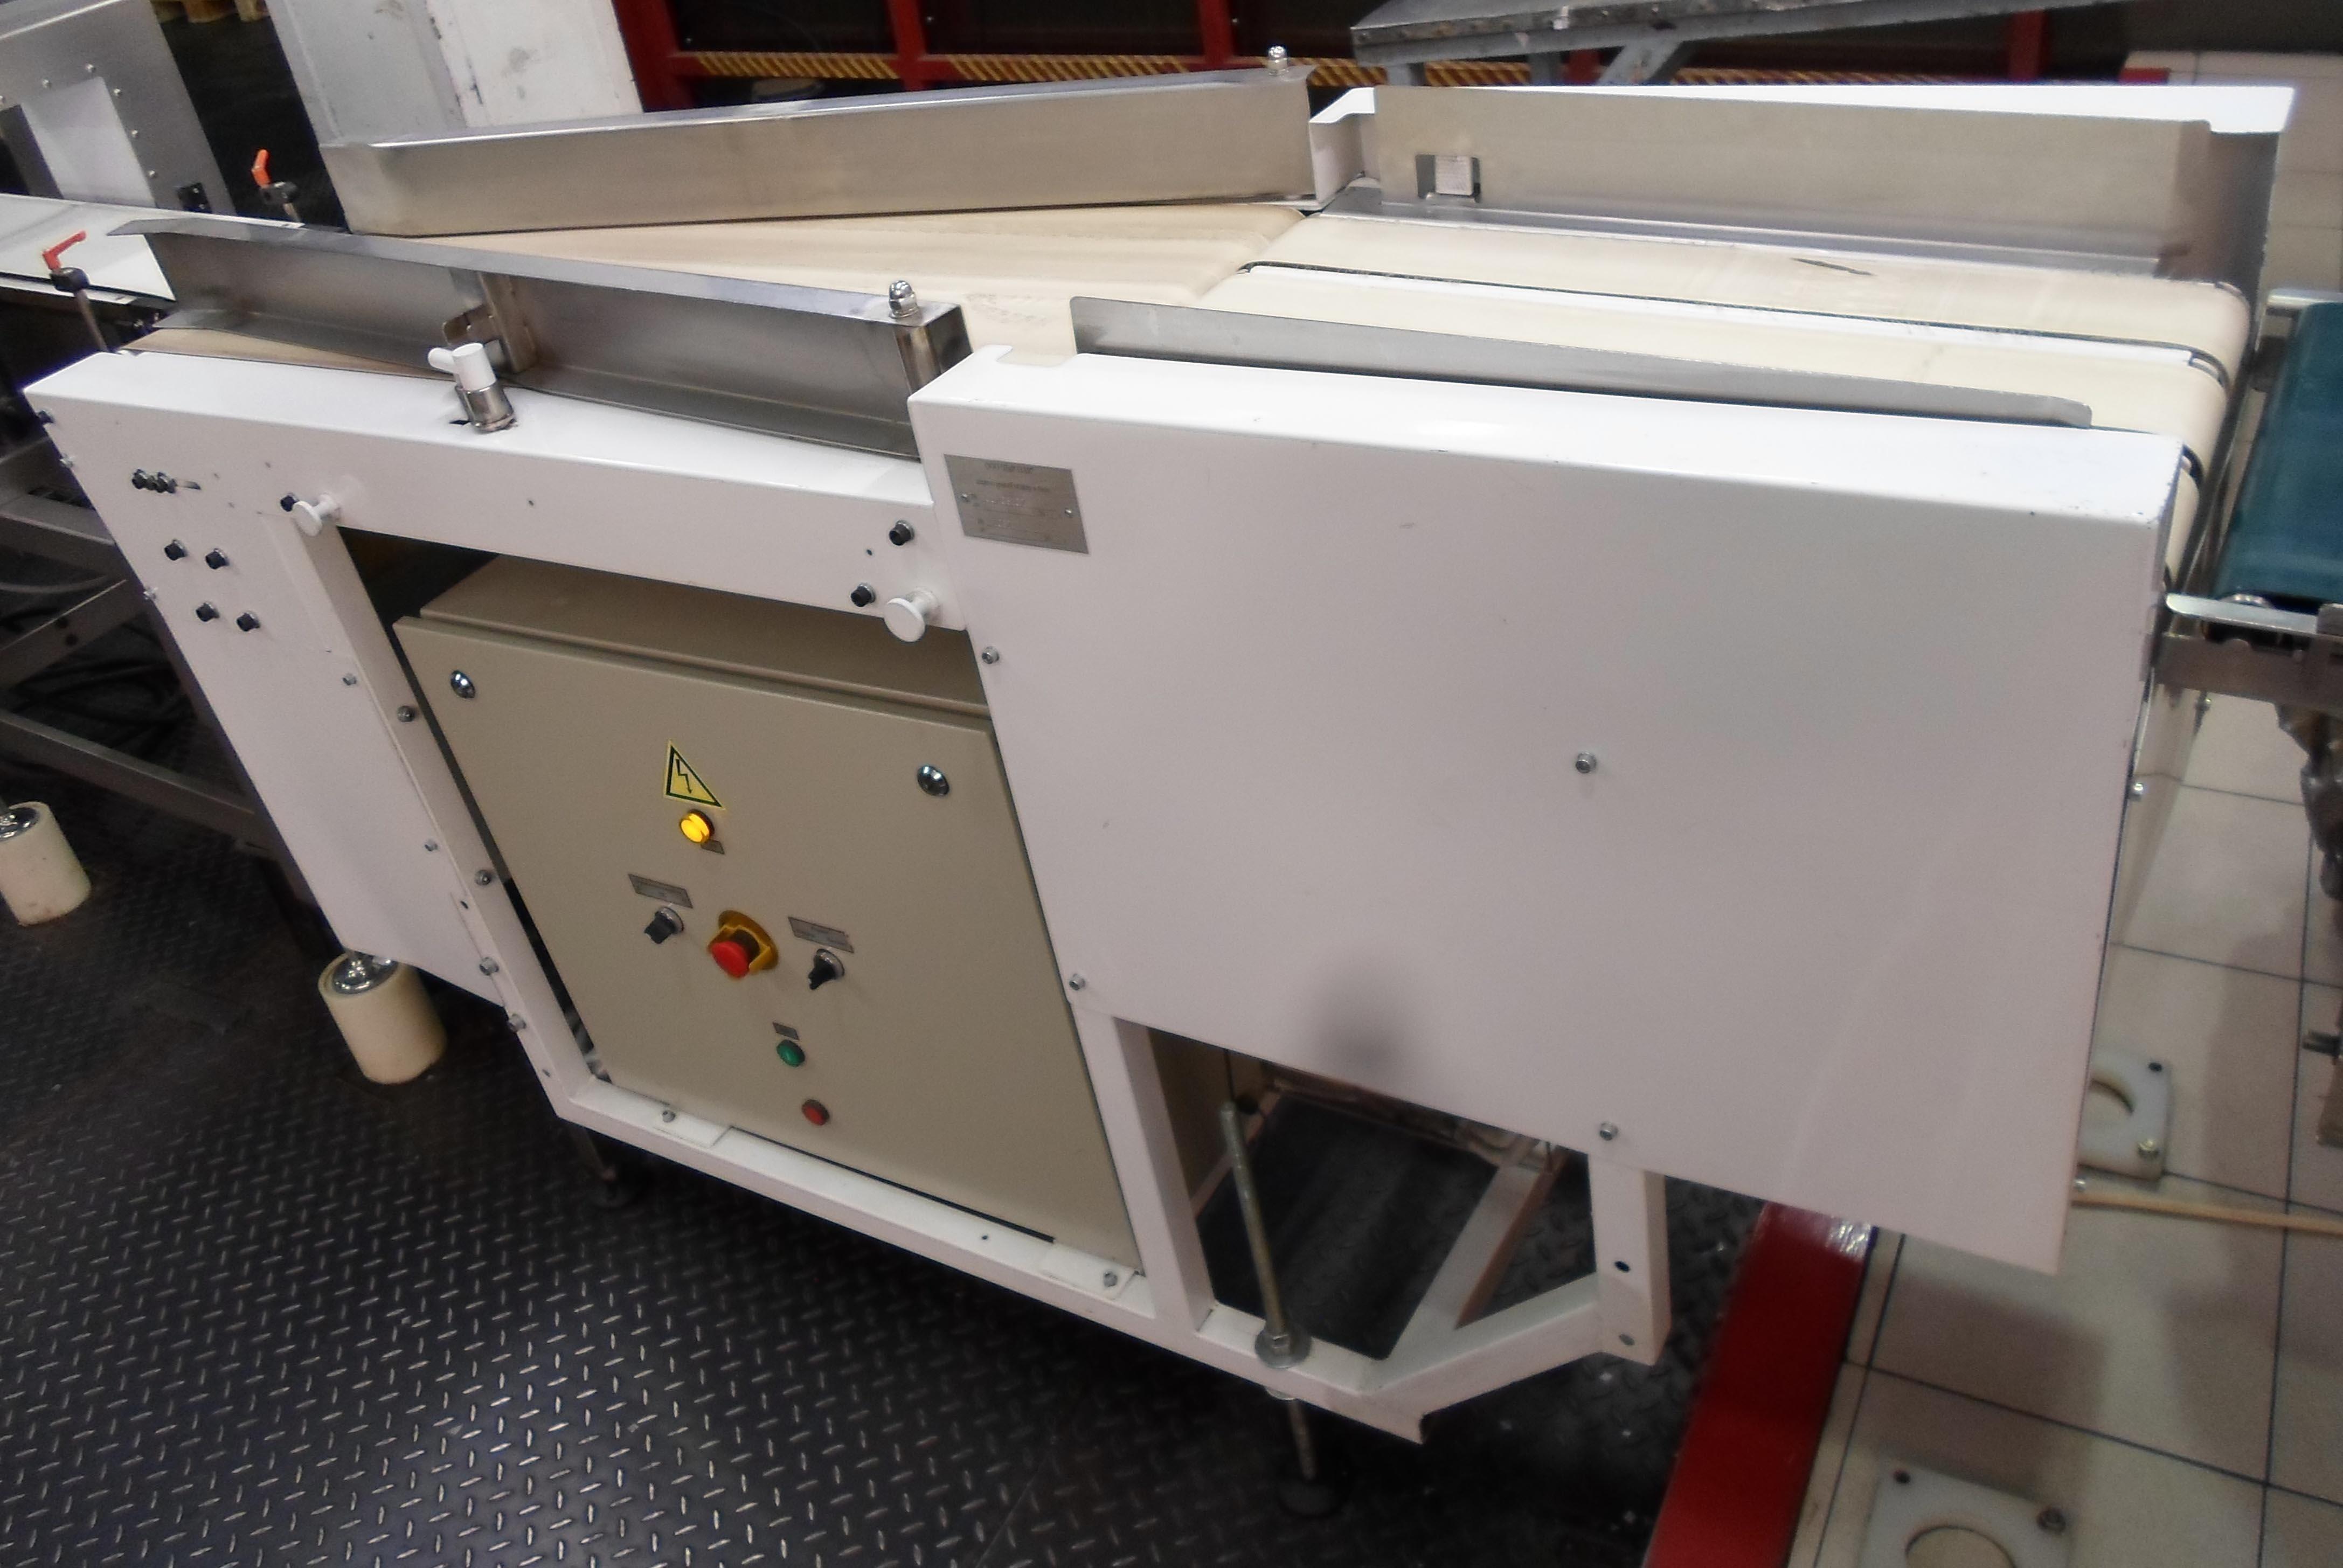 Обслуживание ленточного транспортера в шаговые транспортеры с флажками